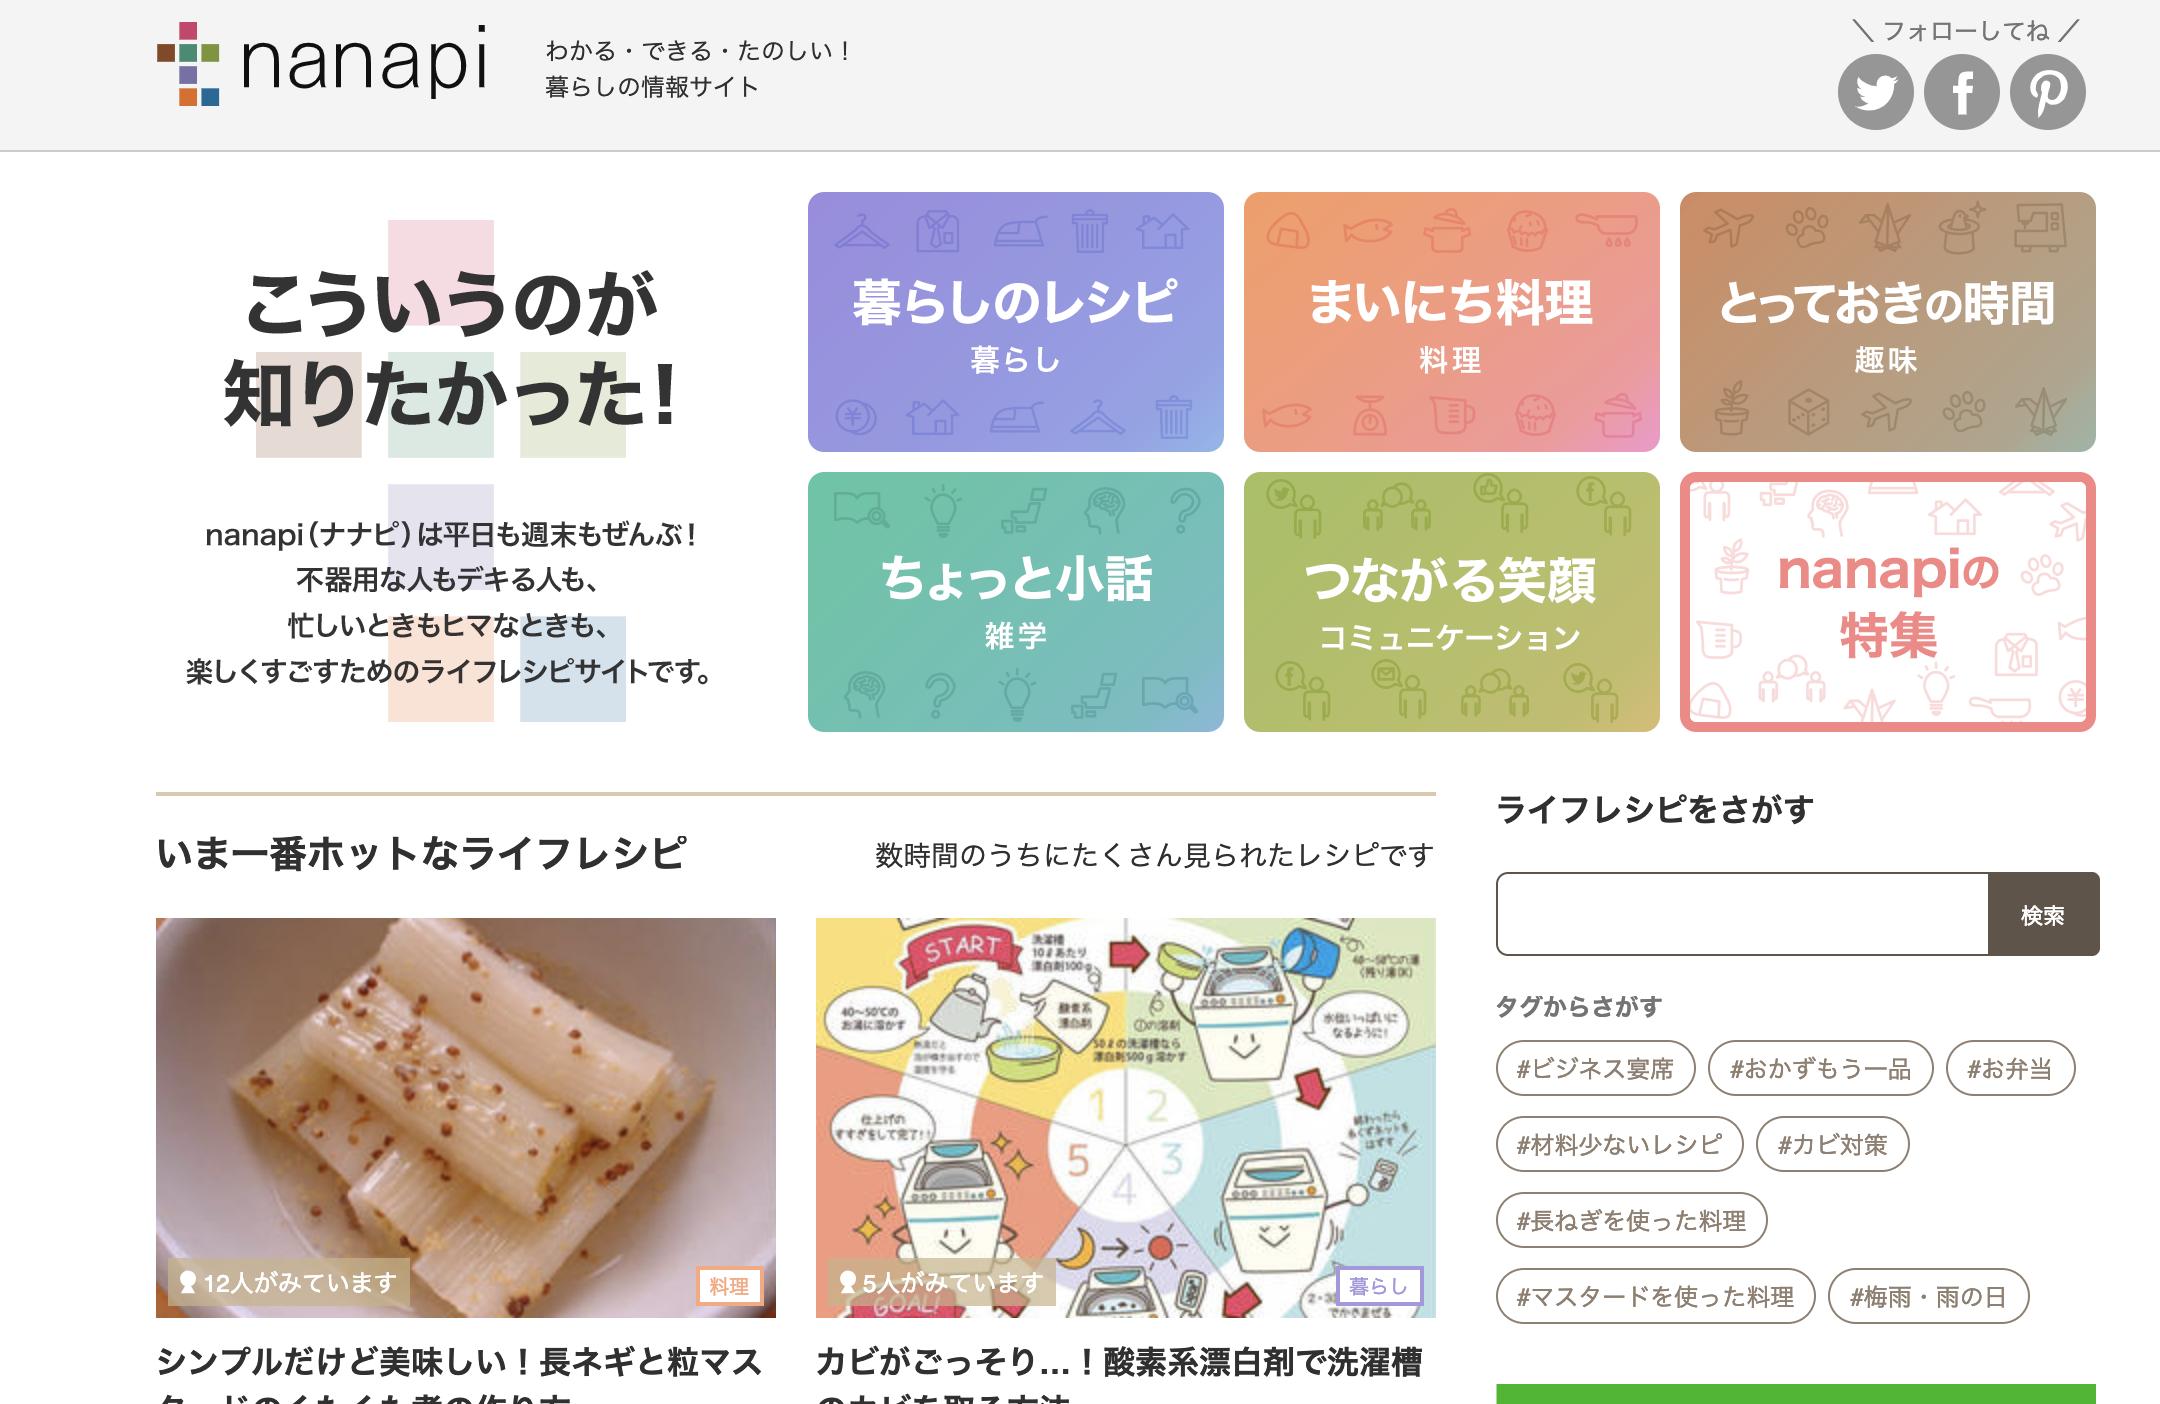 nanapi_トップページ